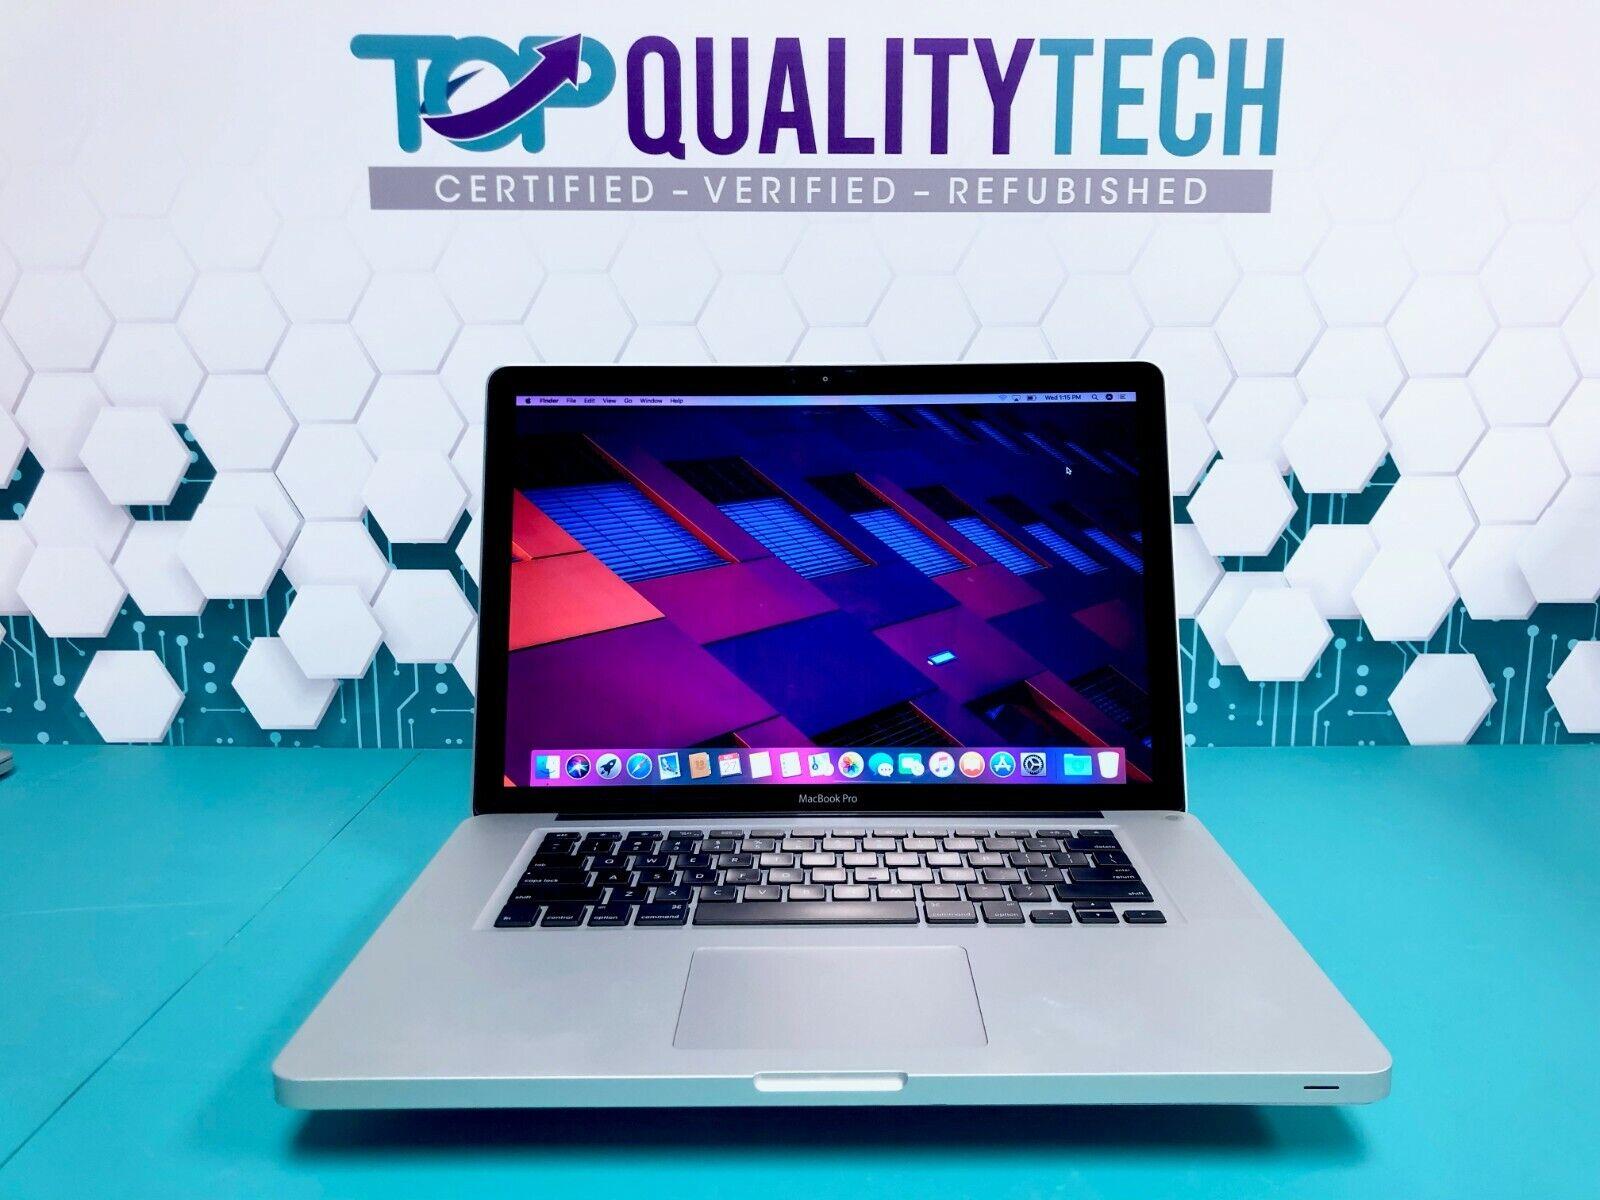 Apple MacBook Pro 15 inch Laptop / INTEL CORE i7 / 500GB / OSX-2015 / Warranty. Buy it now for 579.00